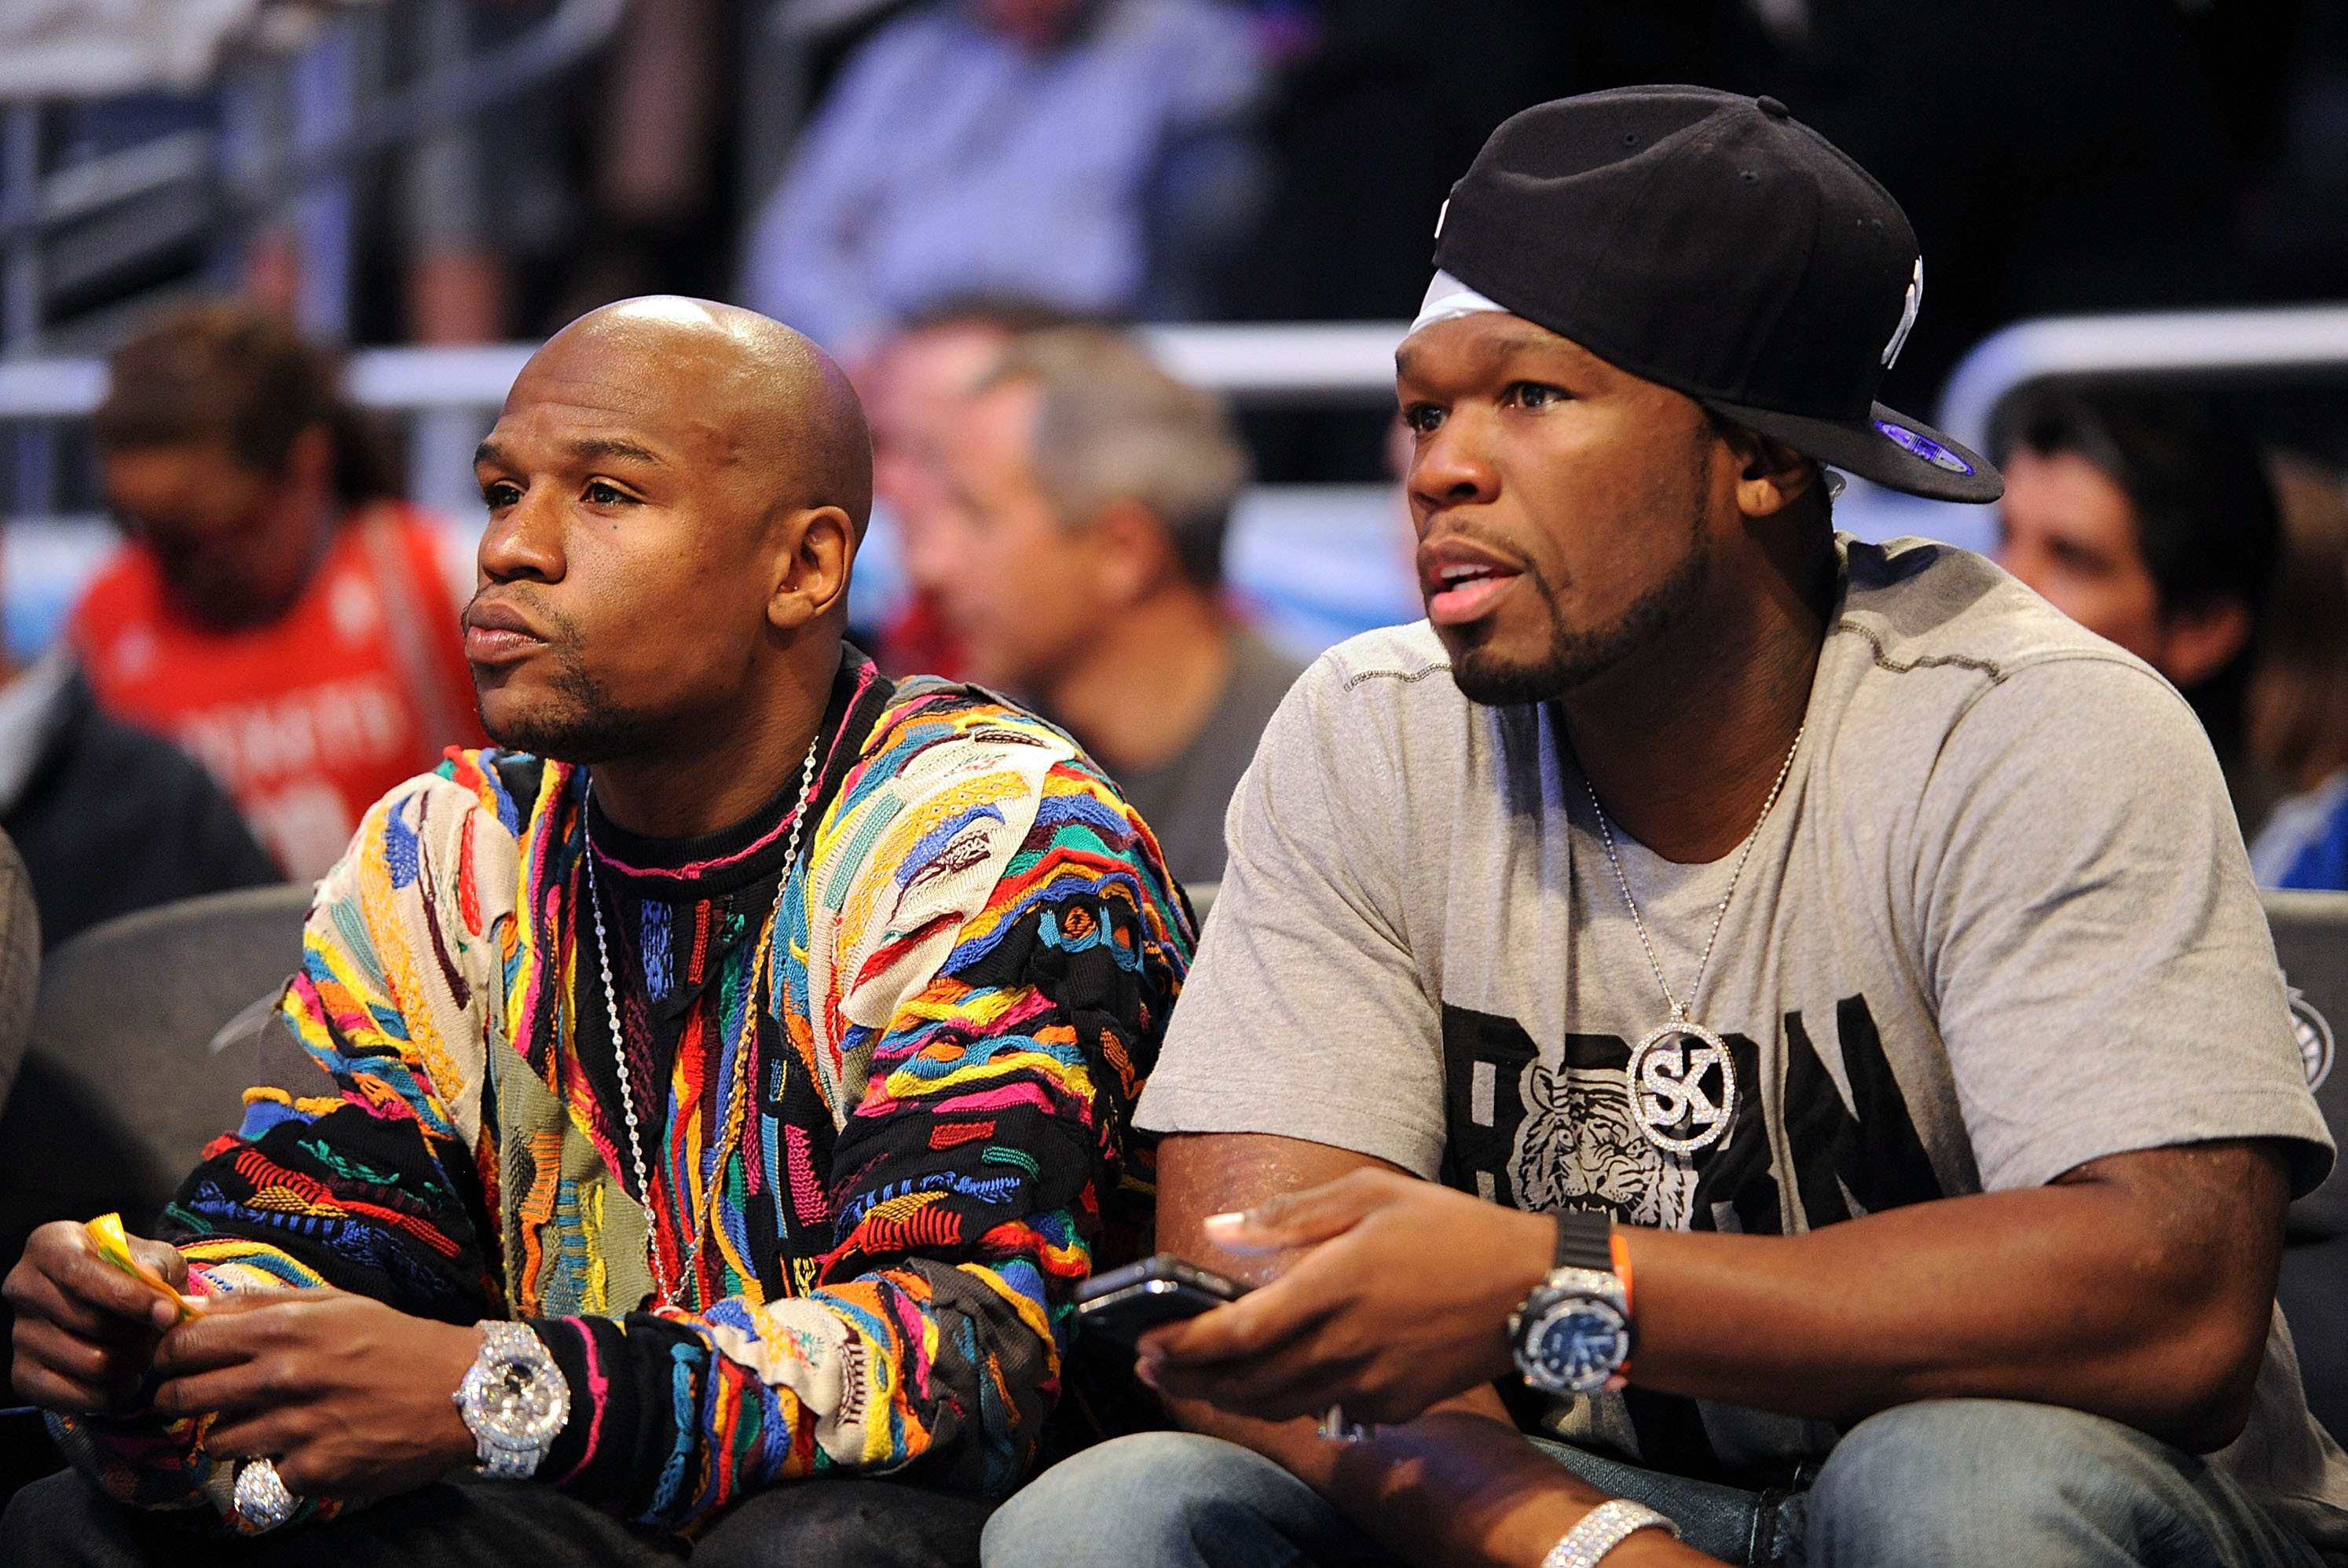 Floyd Mayweather, dispuesto hacer exhibición con rapero 50 Cent